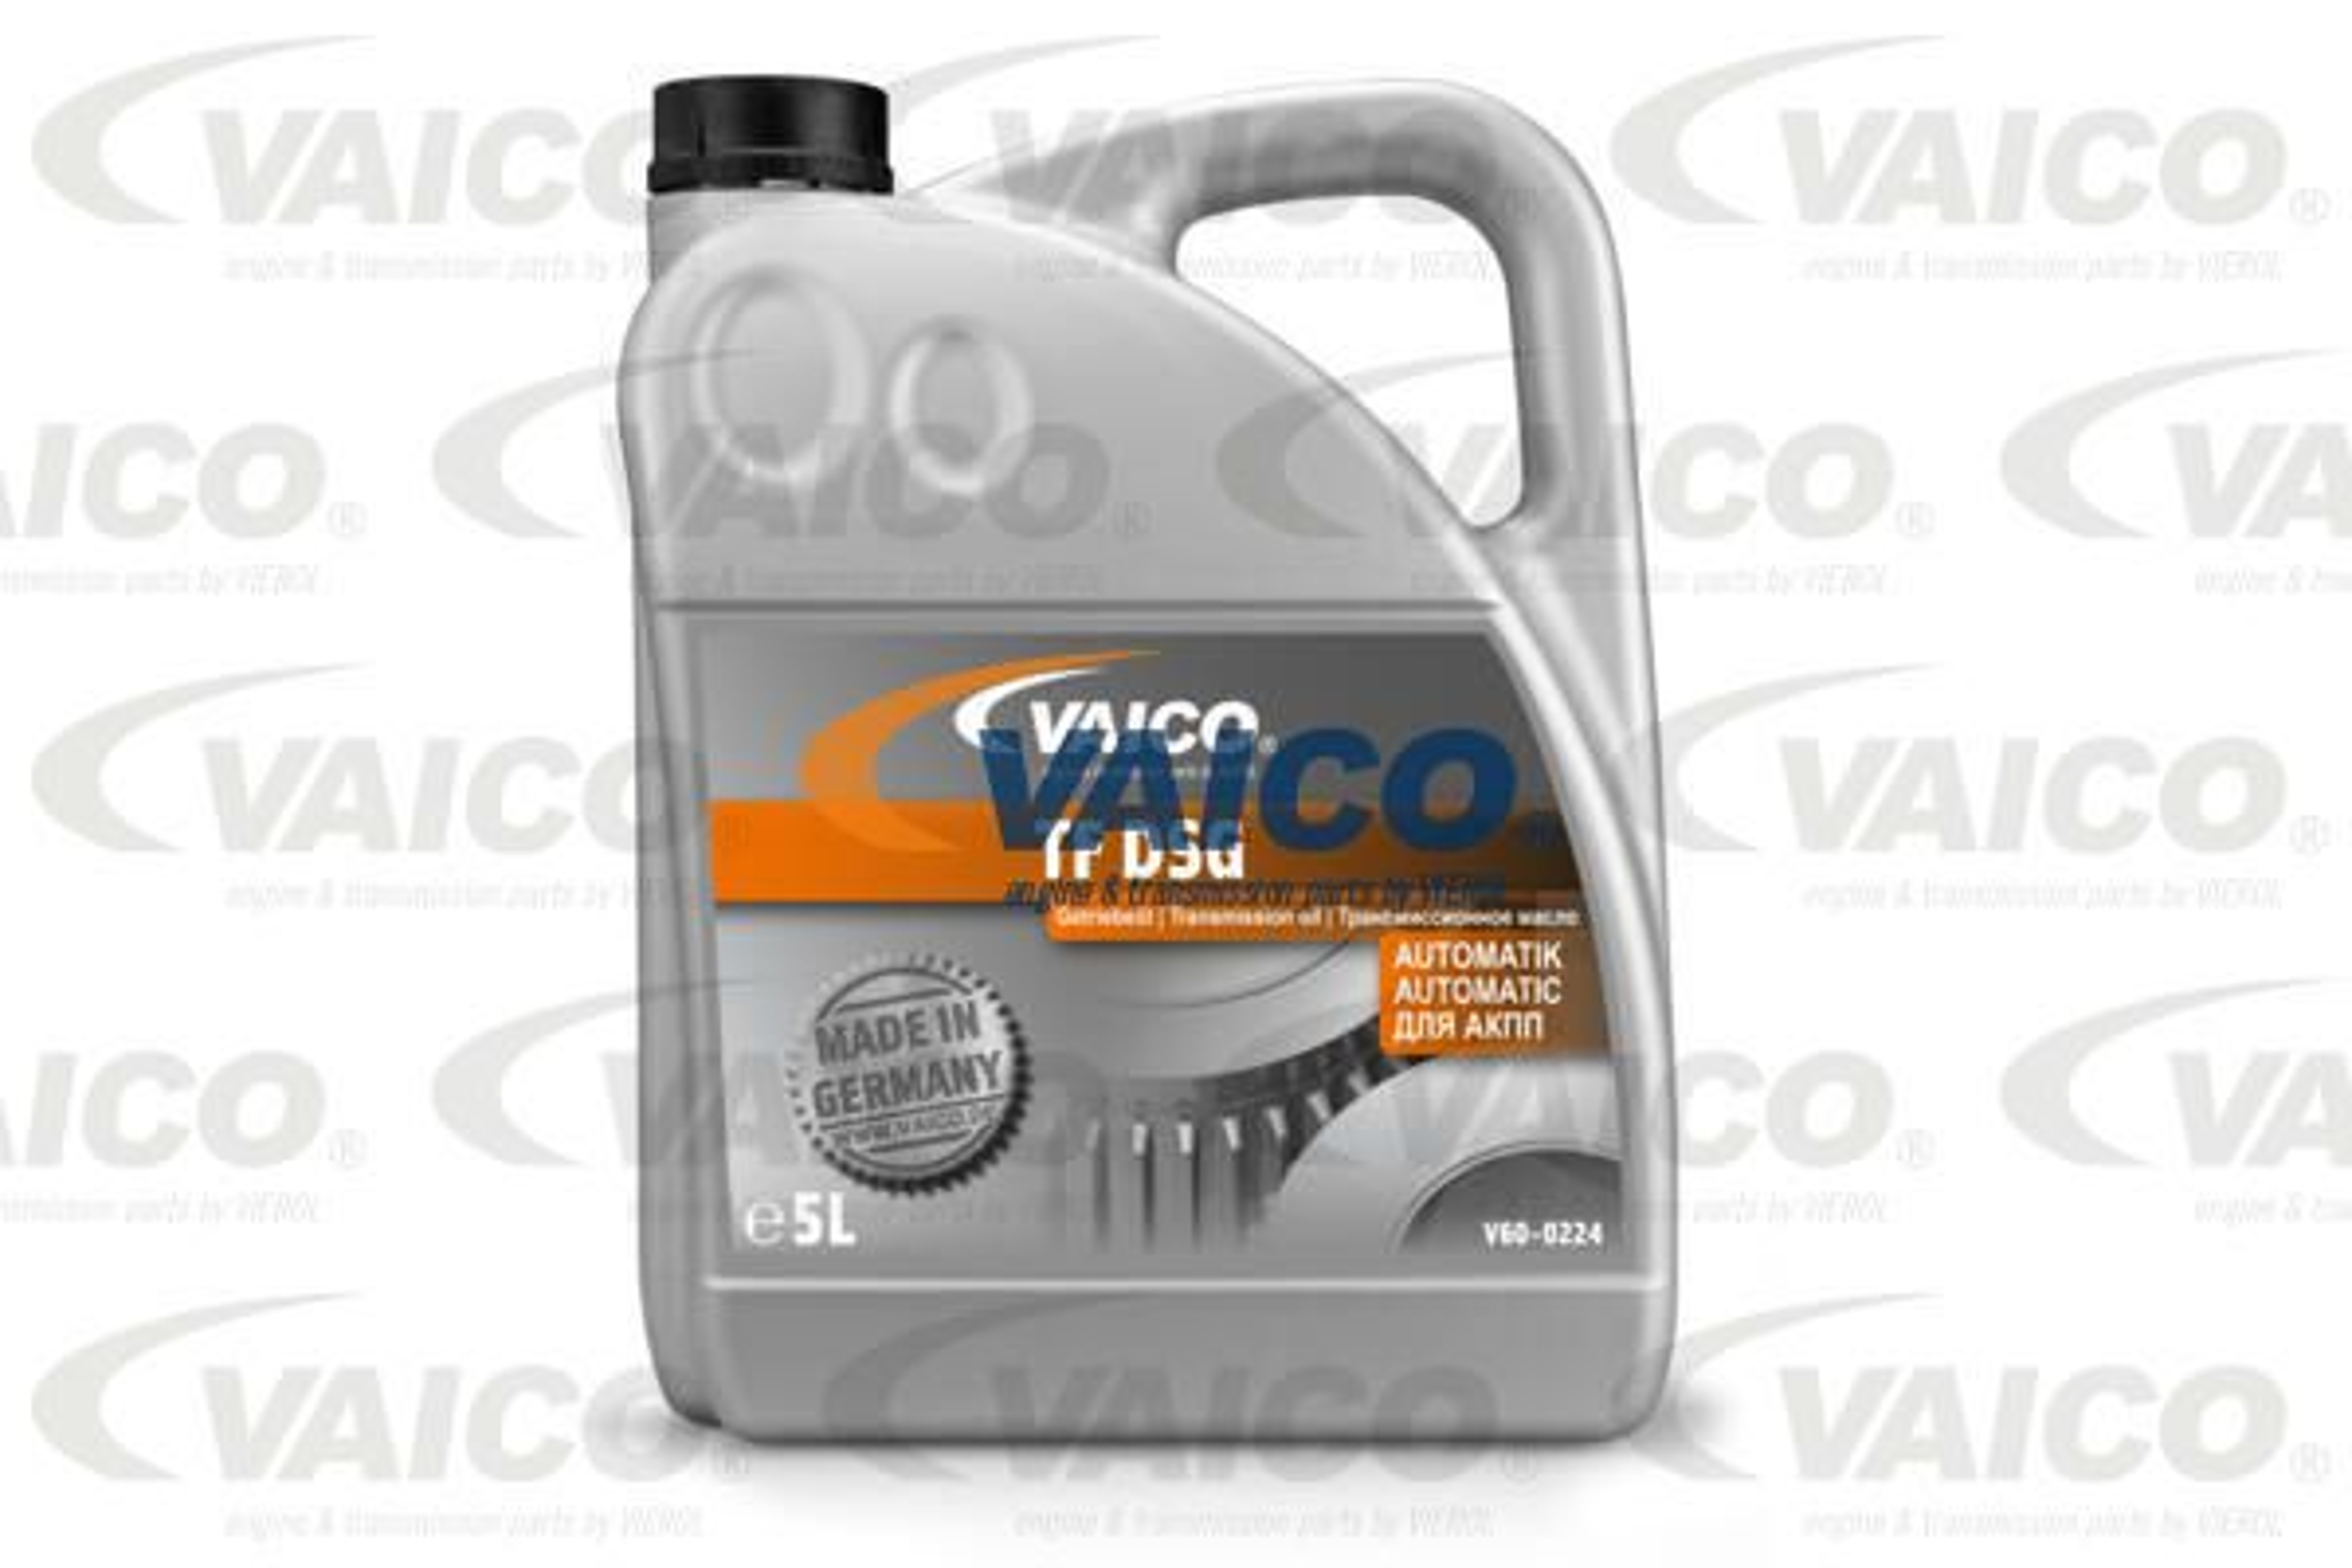 Schaltgetriebeöl V60-0224 – herabgesetzter Preis beim online Kauf